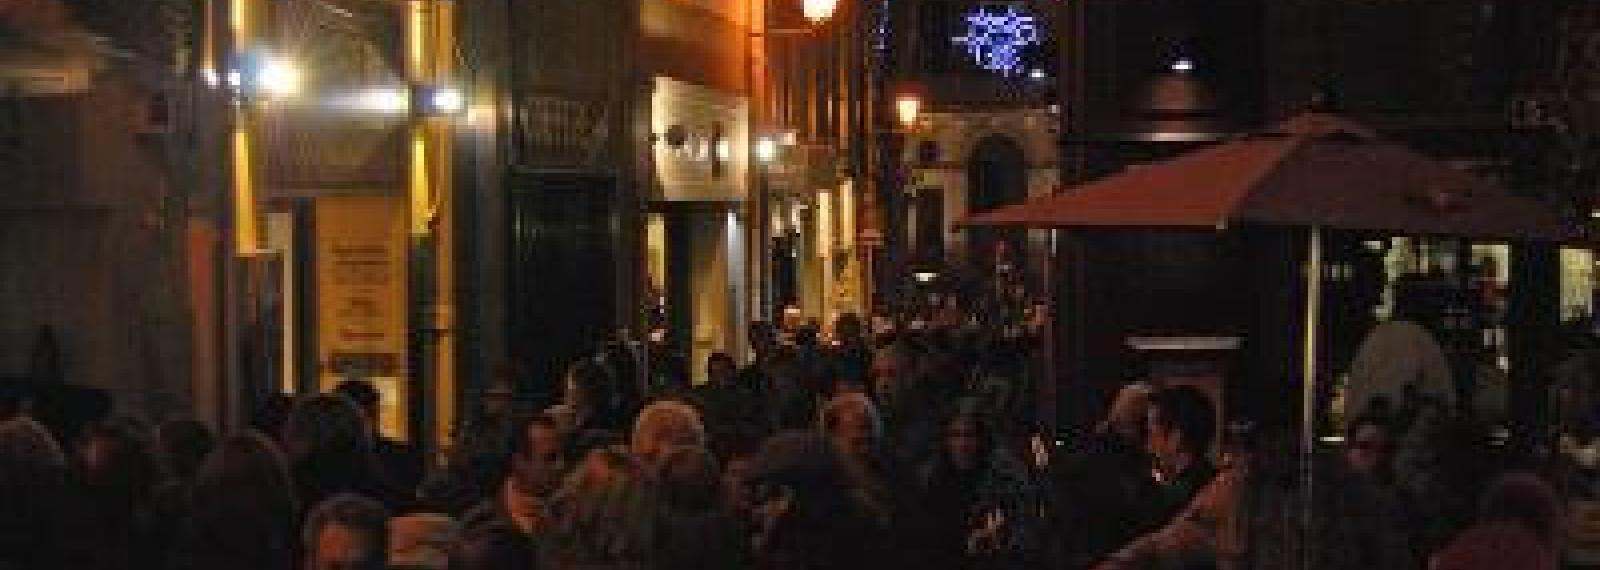 Noël et Jour de l' An à Saint Rémy de Provence